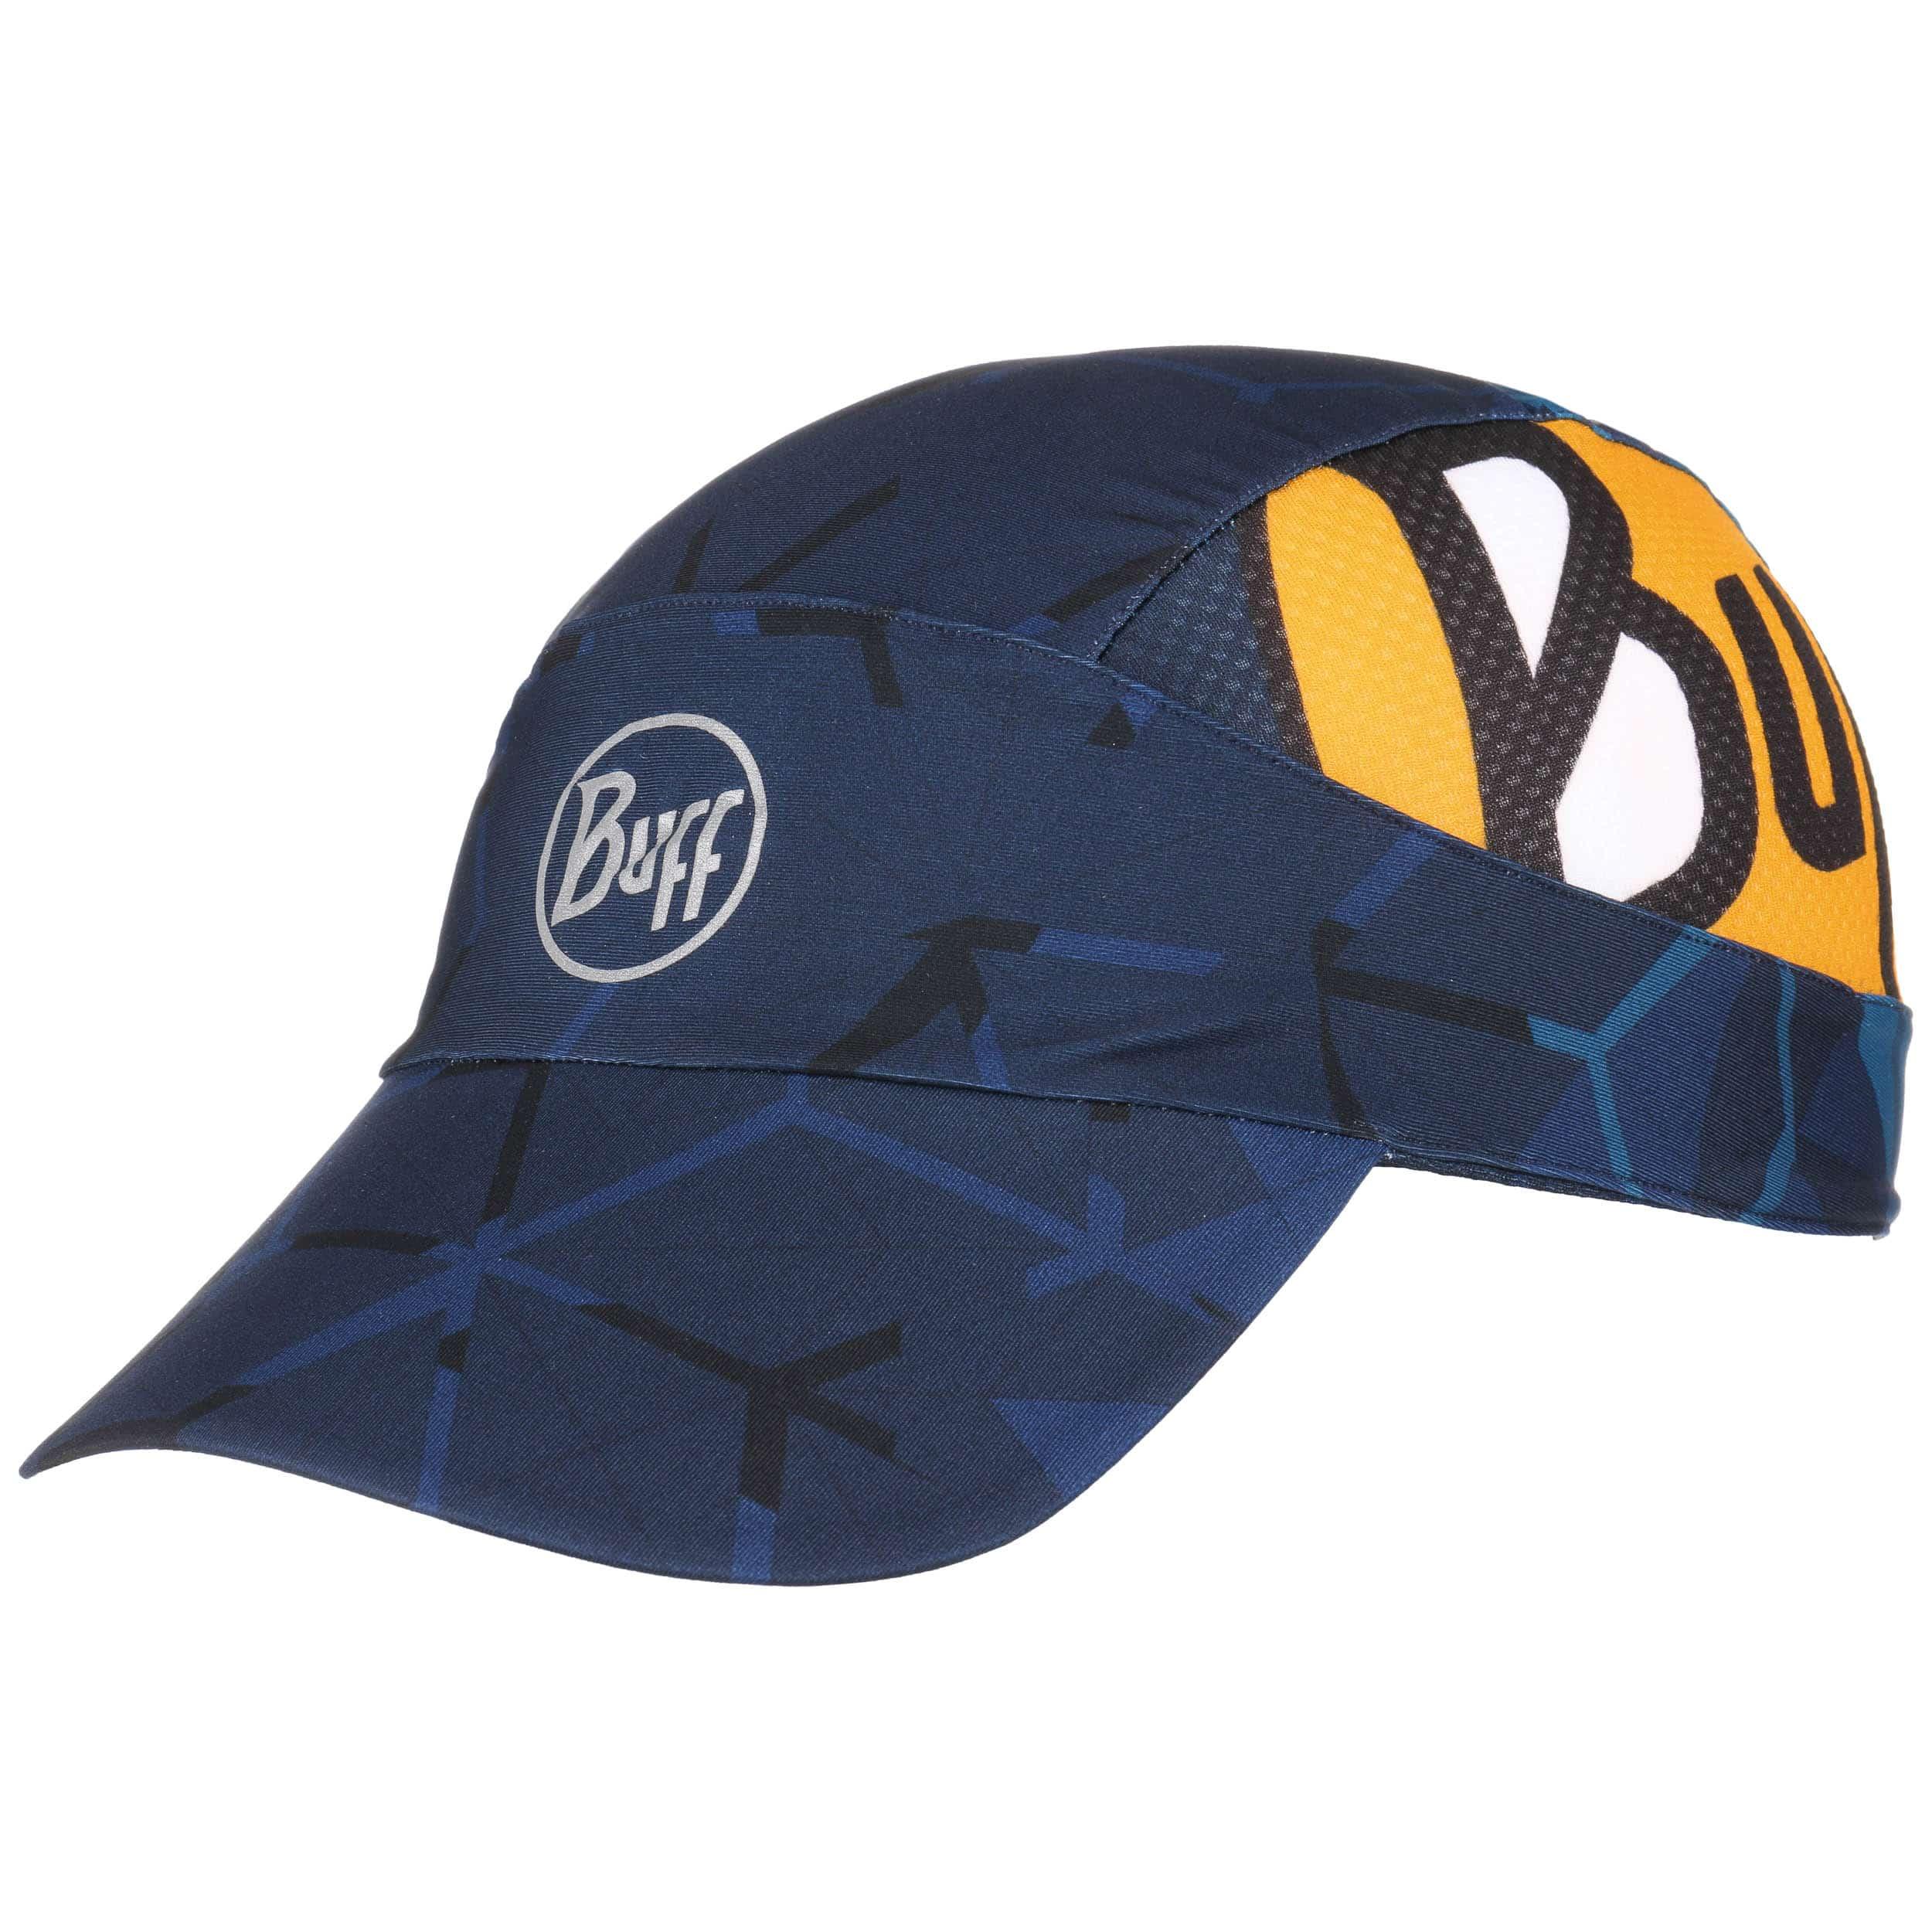 ... Ocean Pack Run Cap by BUFF - blue 6 ca5fab443a9a